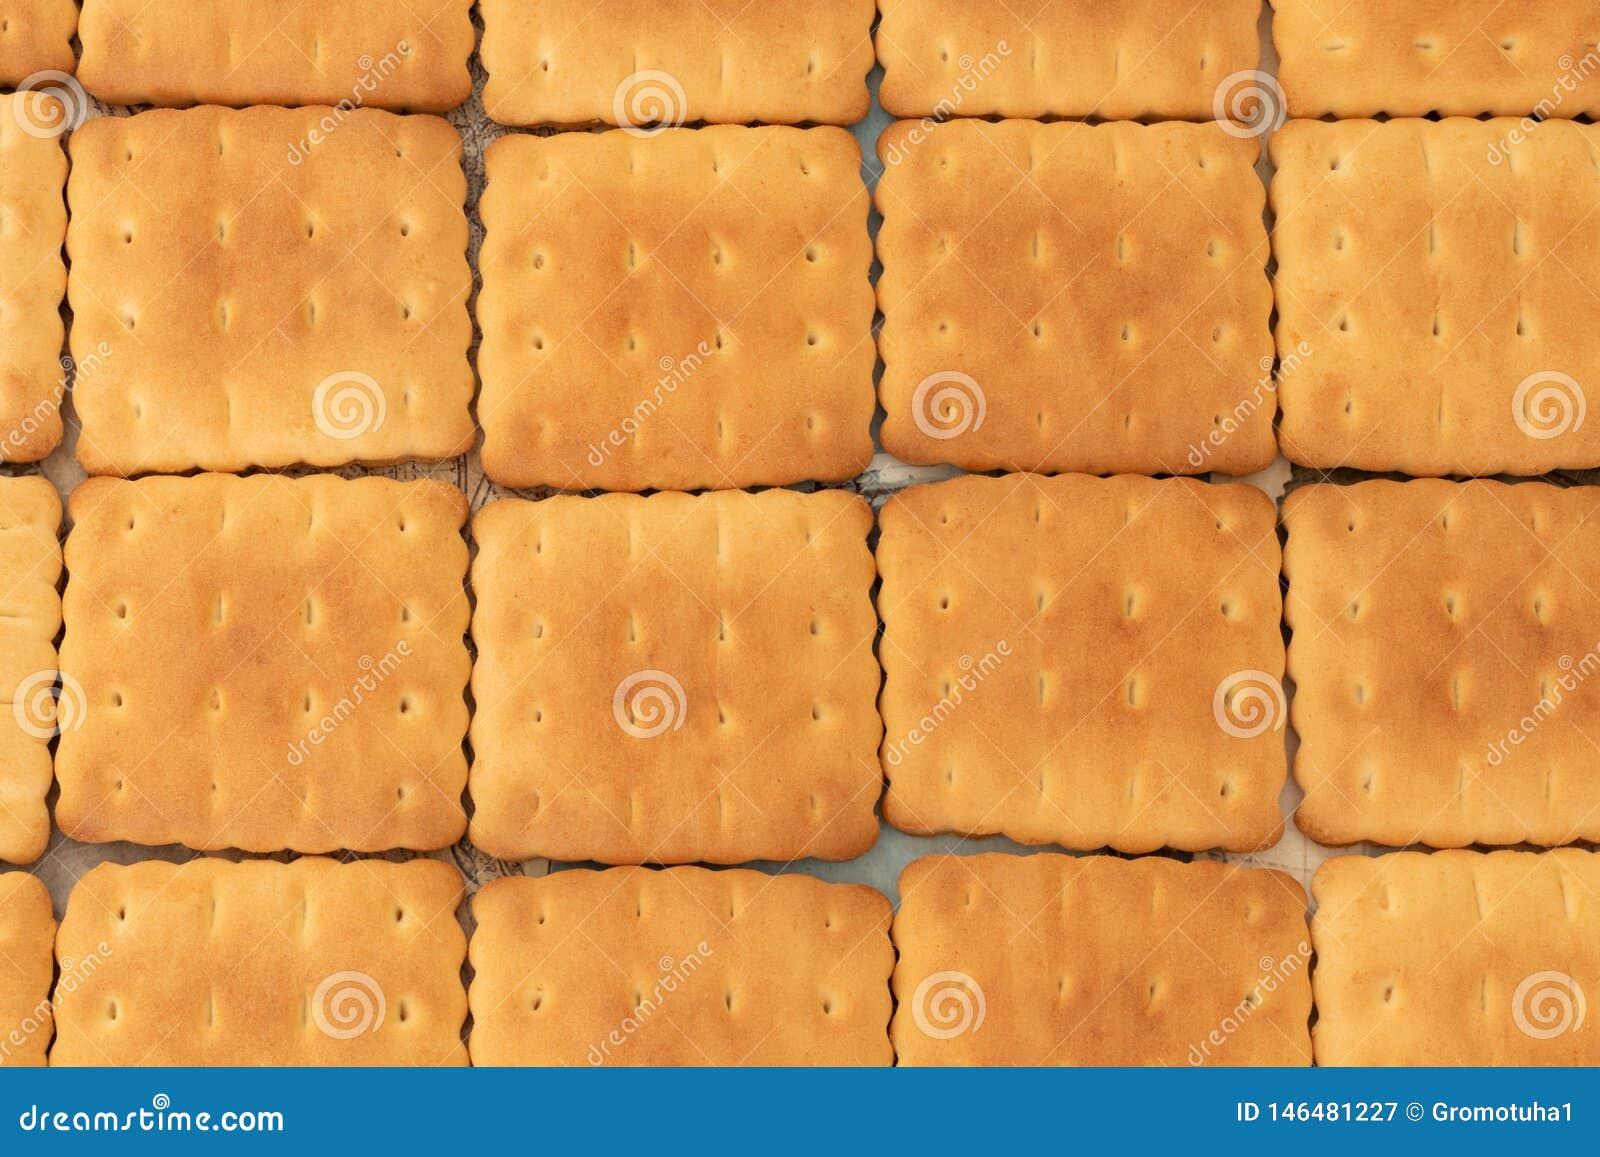 Les biscuits sont savoureux et friables comme une nappe douce sur la table